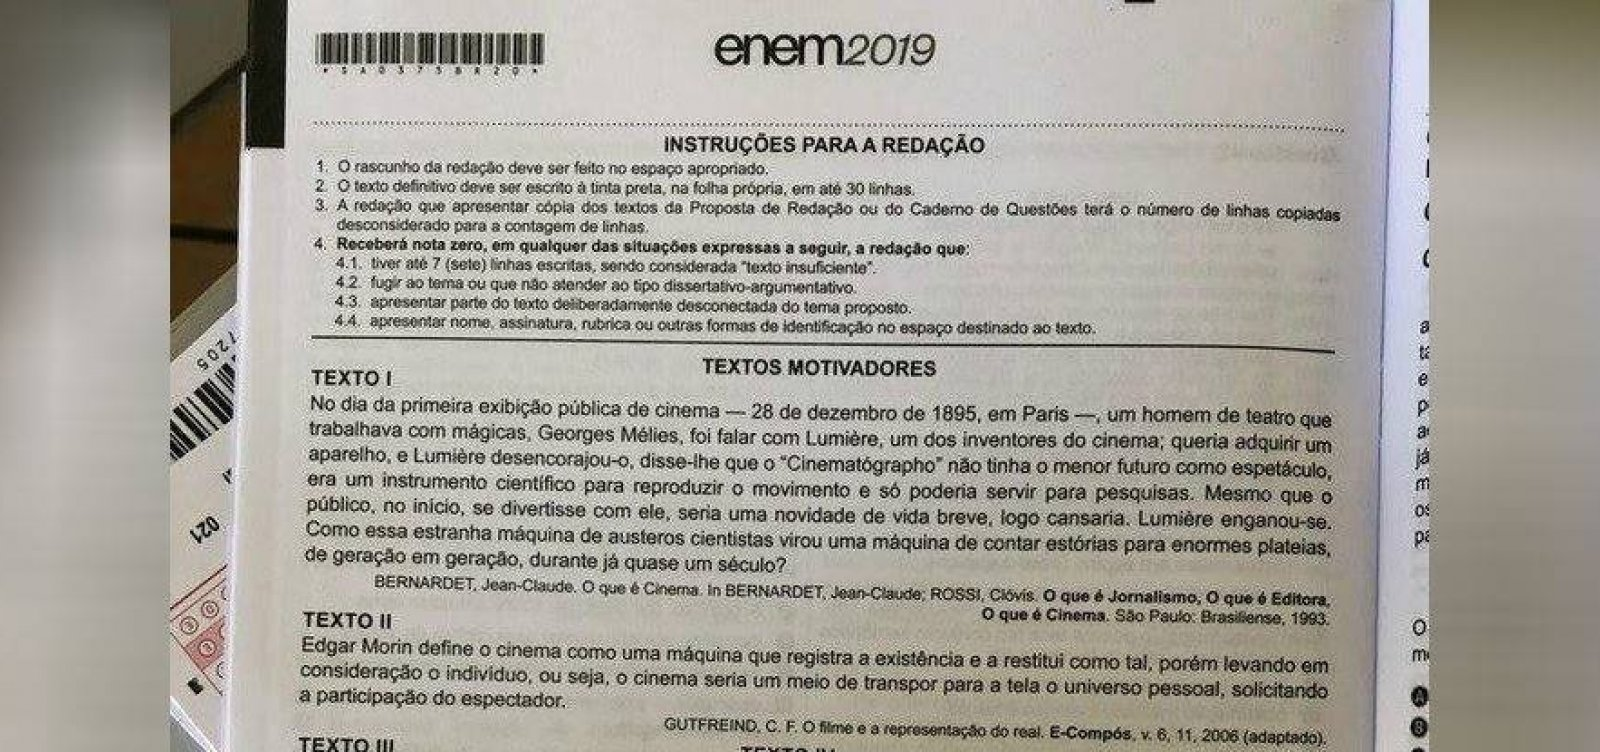 Aplicador do Enem teria vazado foto da prova, diz ministro